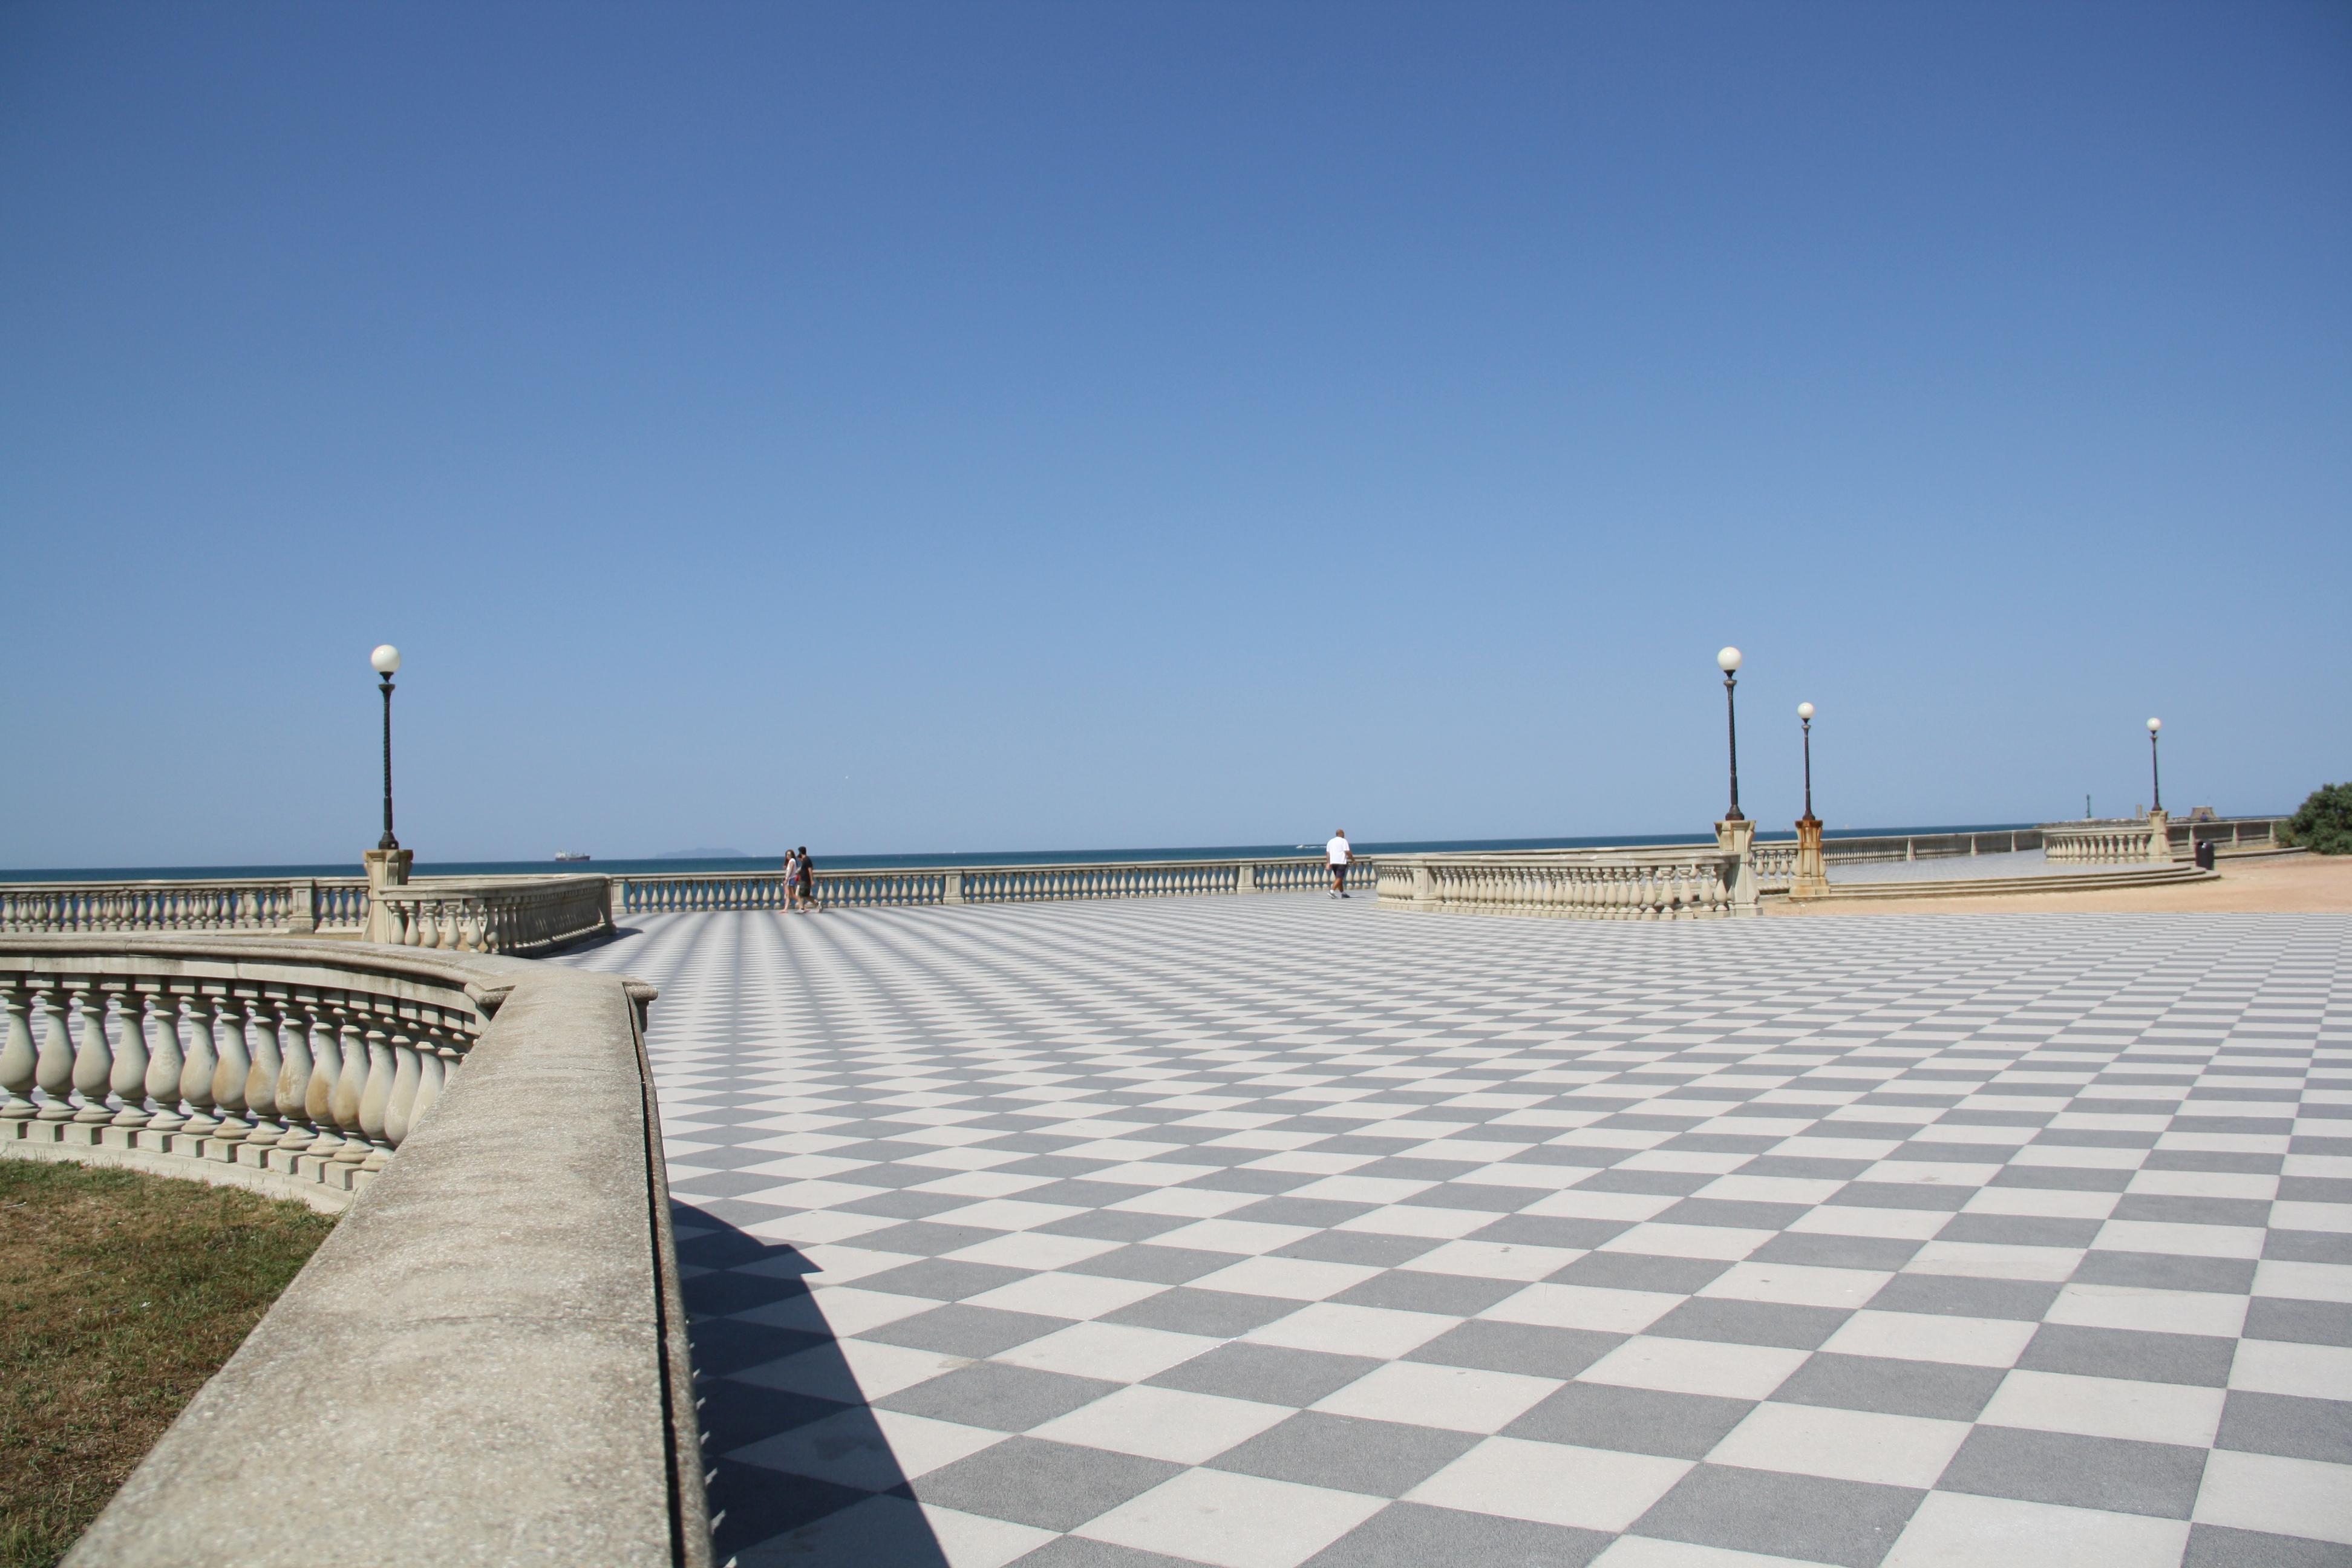 File:Livorno Terrazza Mascagni 11 @chesi.JPG - Wikimedia Commons